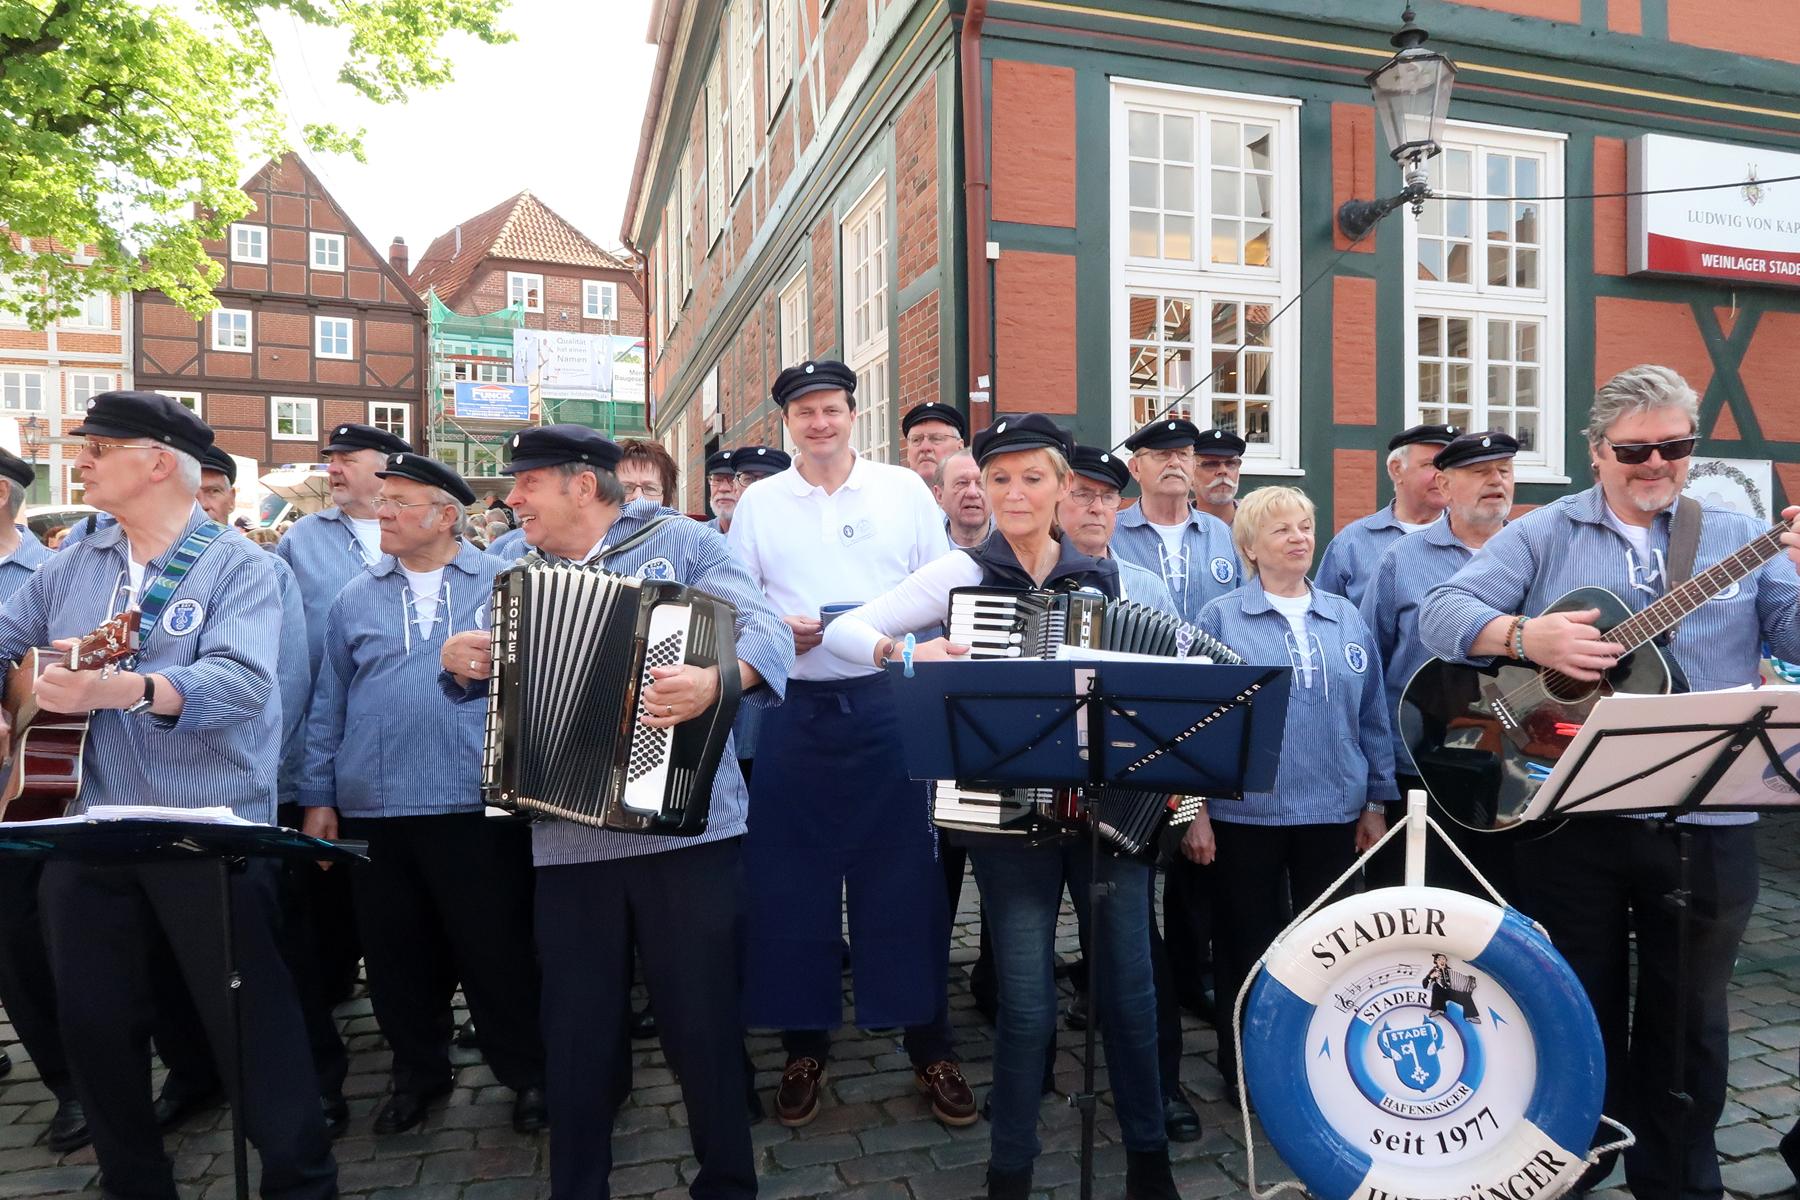 """Oliver Grundmann - Ehrenhafensänger hat bei dem Lied """"Stade am schönen Elbestrand"""" mitgesungen"""